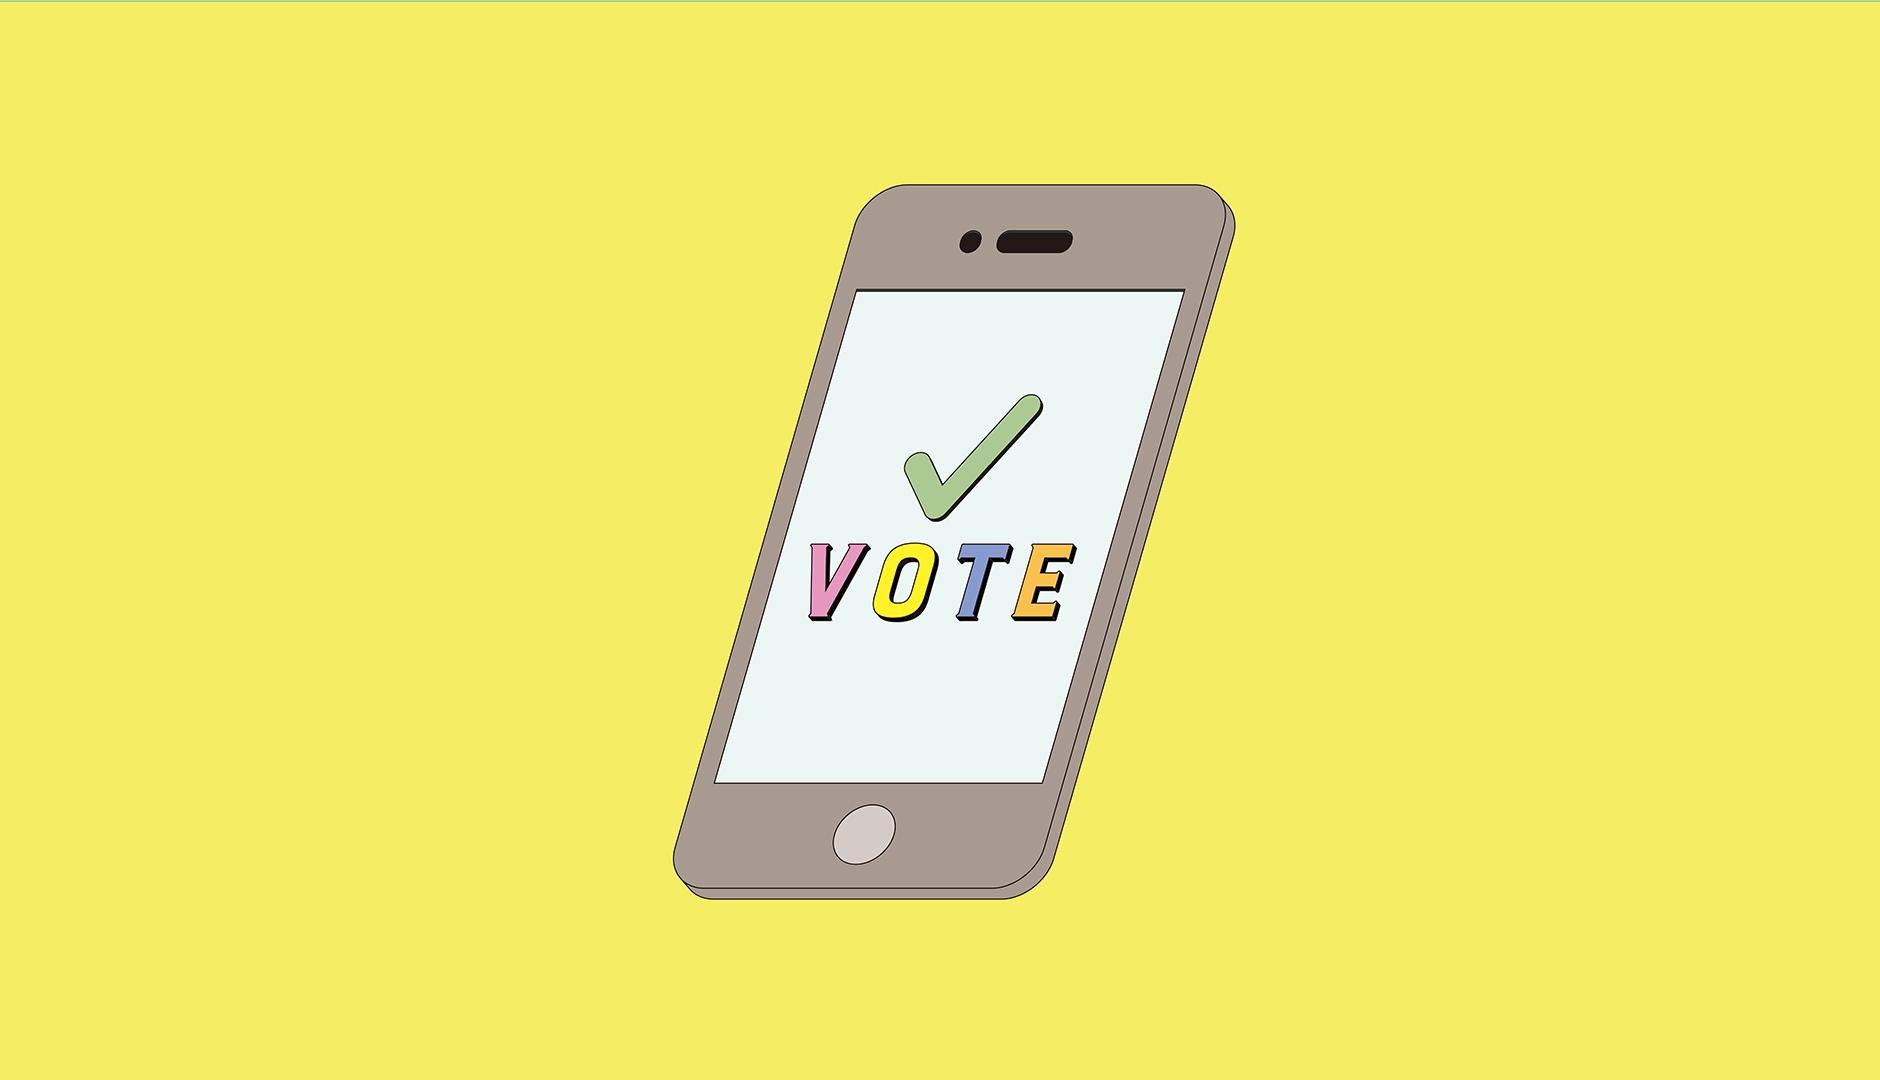 インターネット 投票 選挙